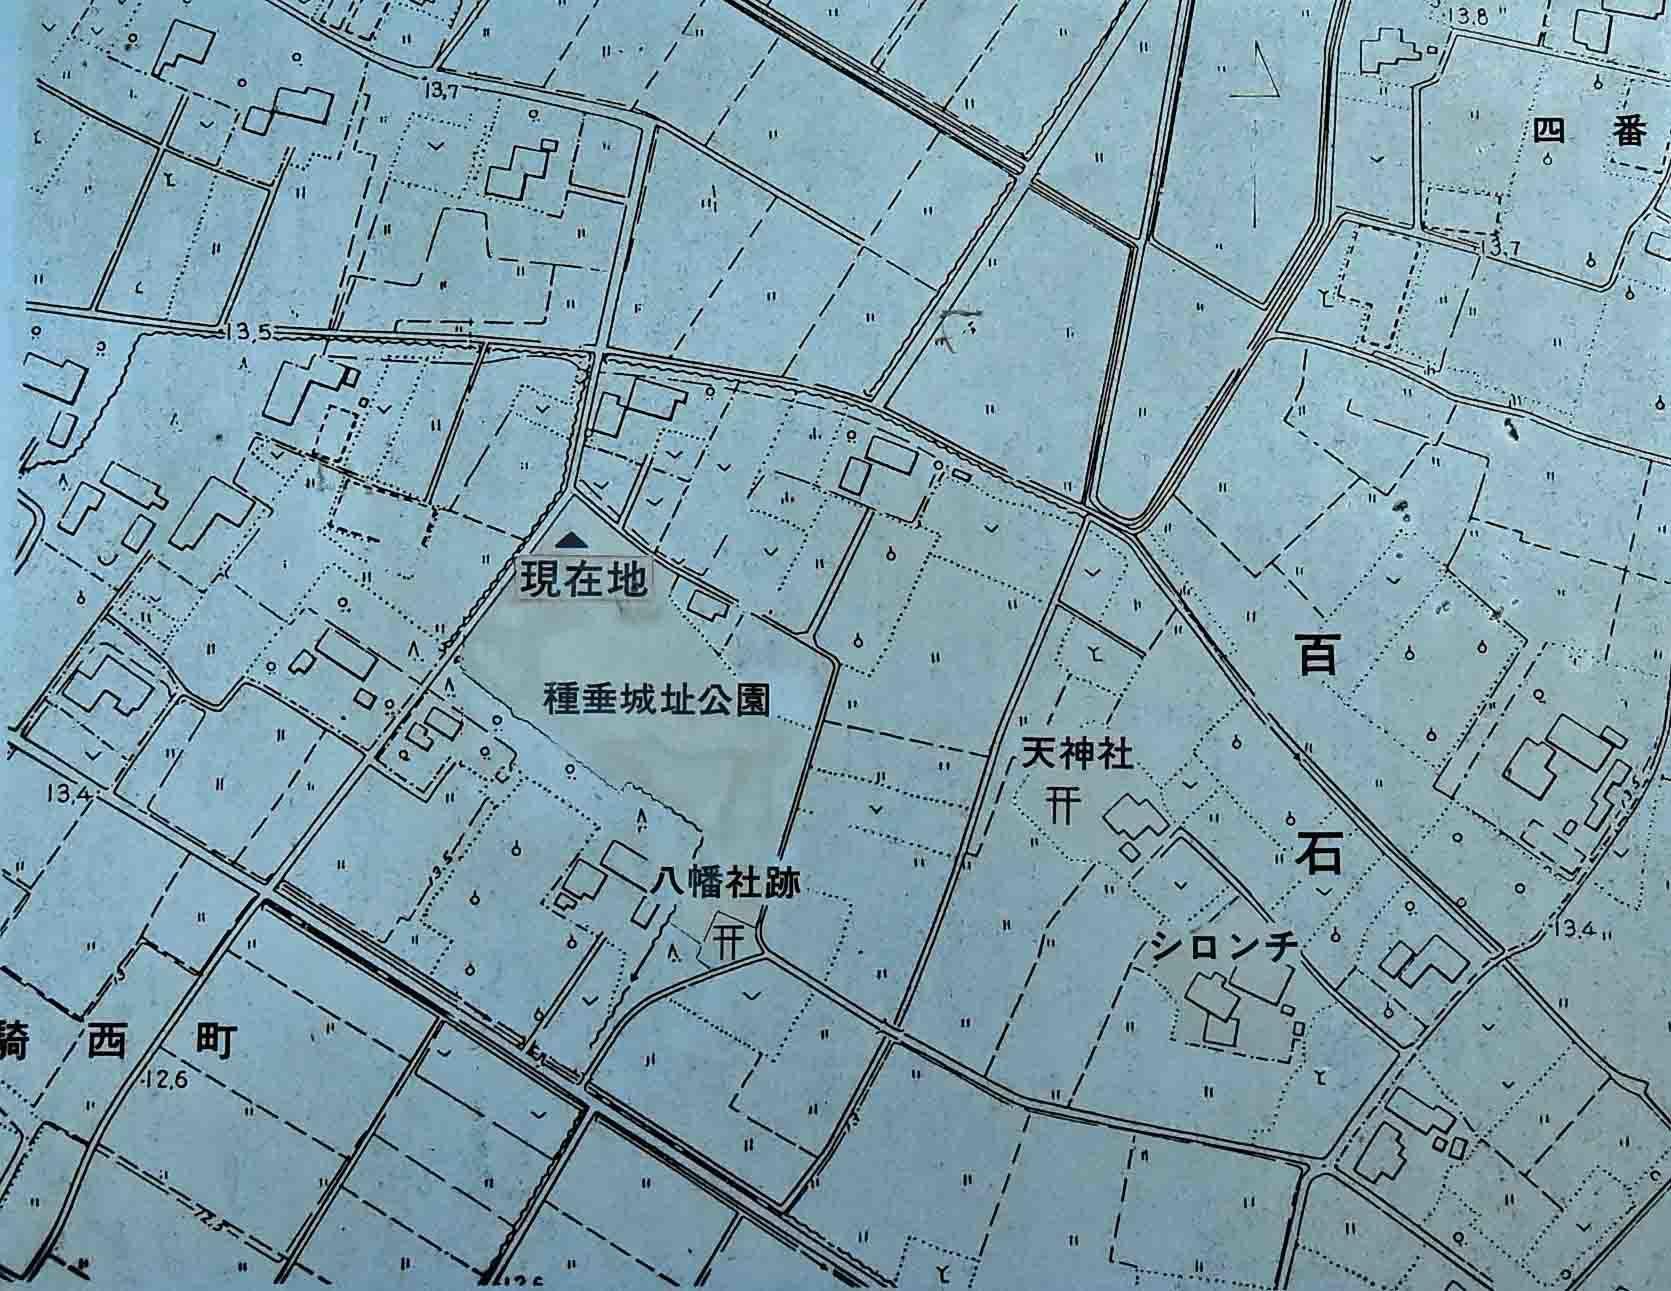 DSC_8233種足城周辺地名